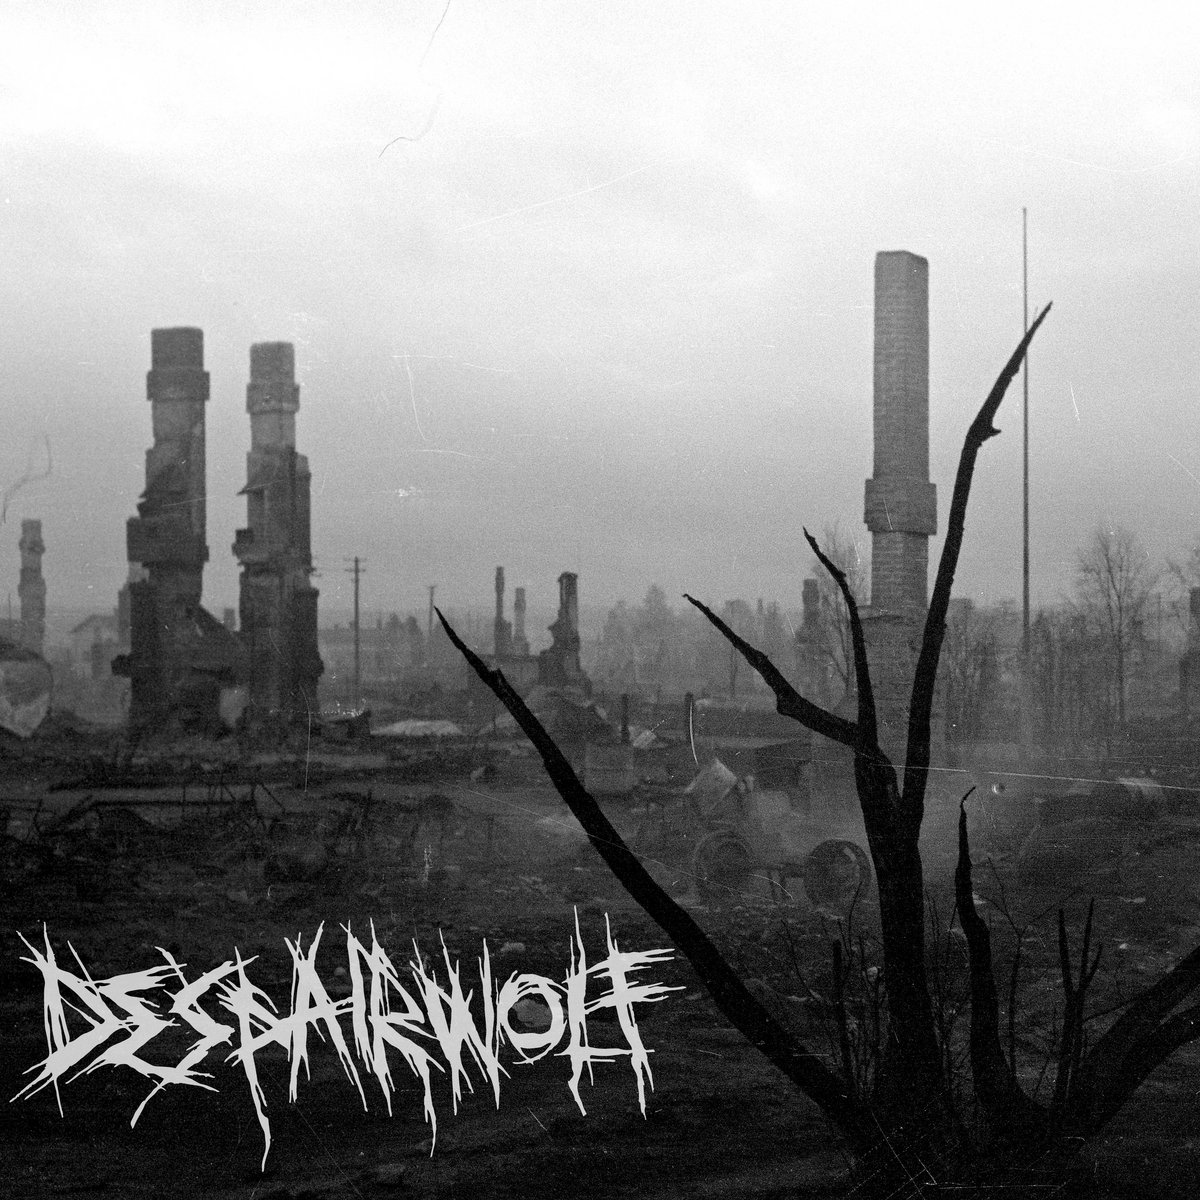 Despairwolf - Despairwolf [EP] (2018)